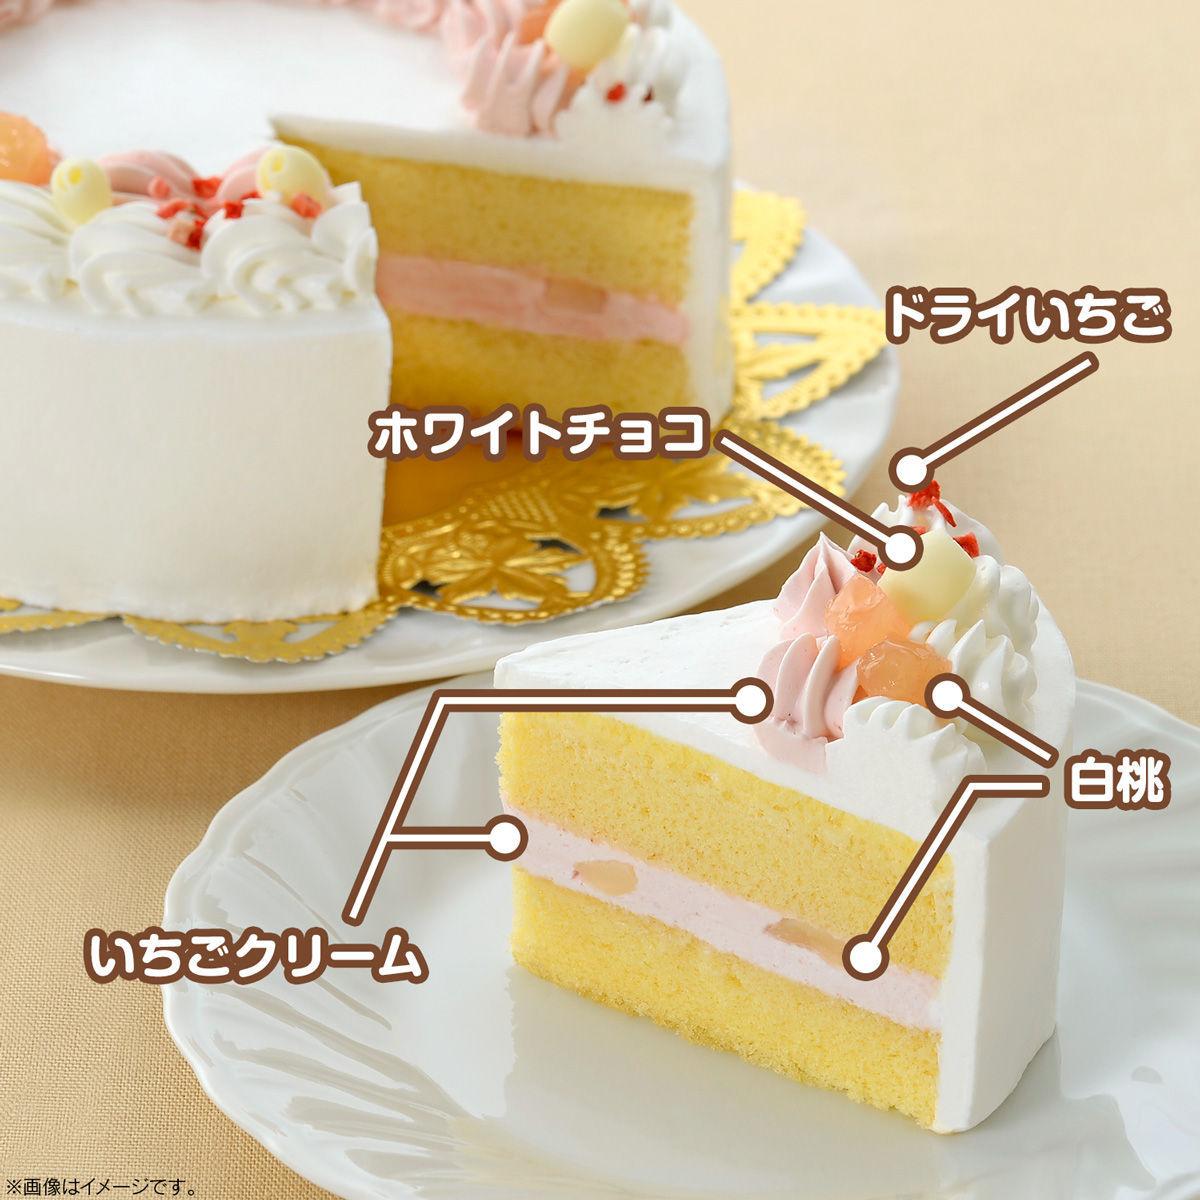 キャラデコお祝いケーキ ヒーリングっど プリキュア[5号サイズ]_6